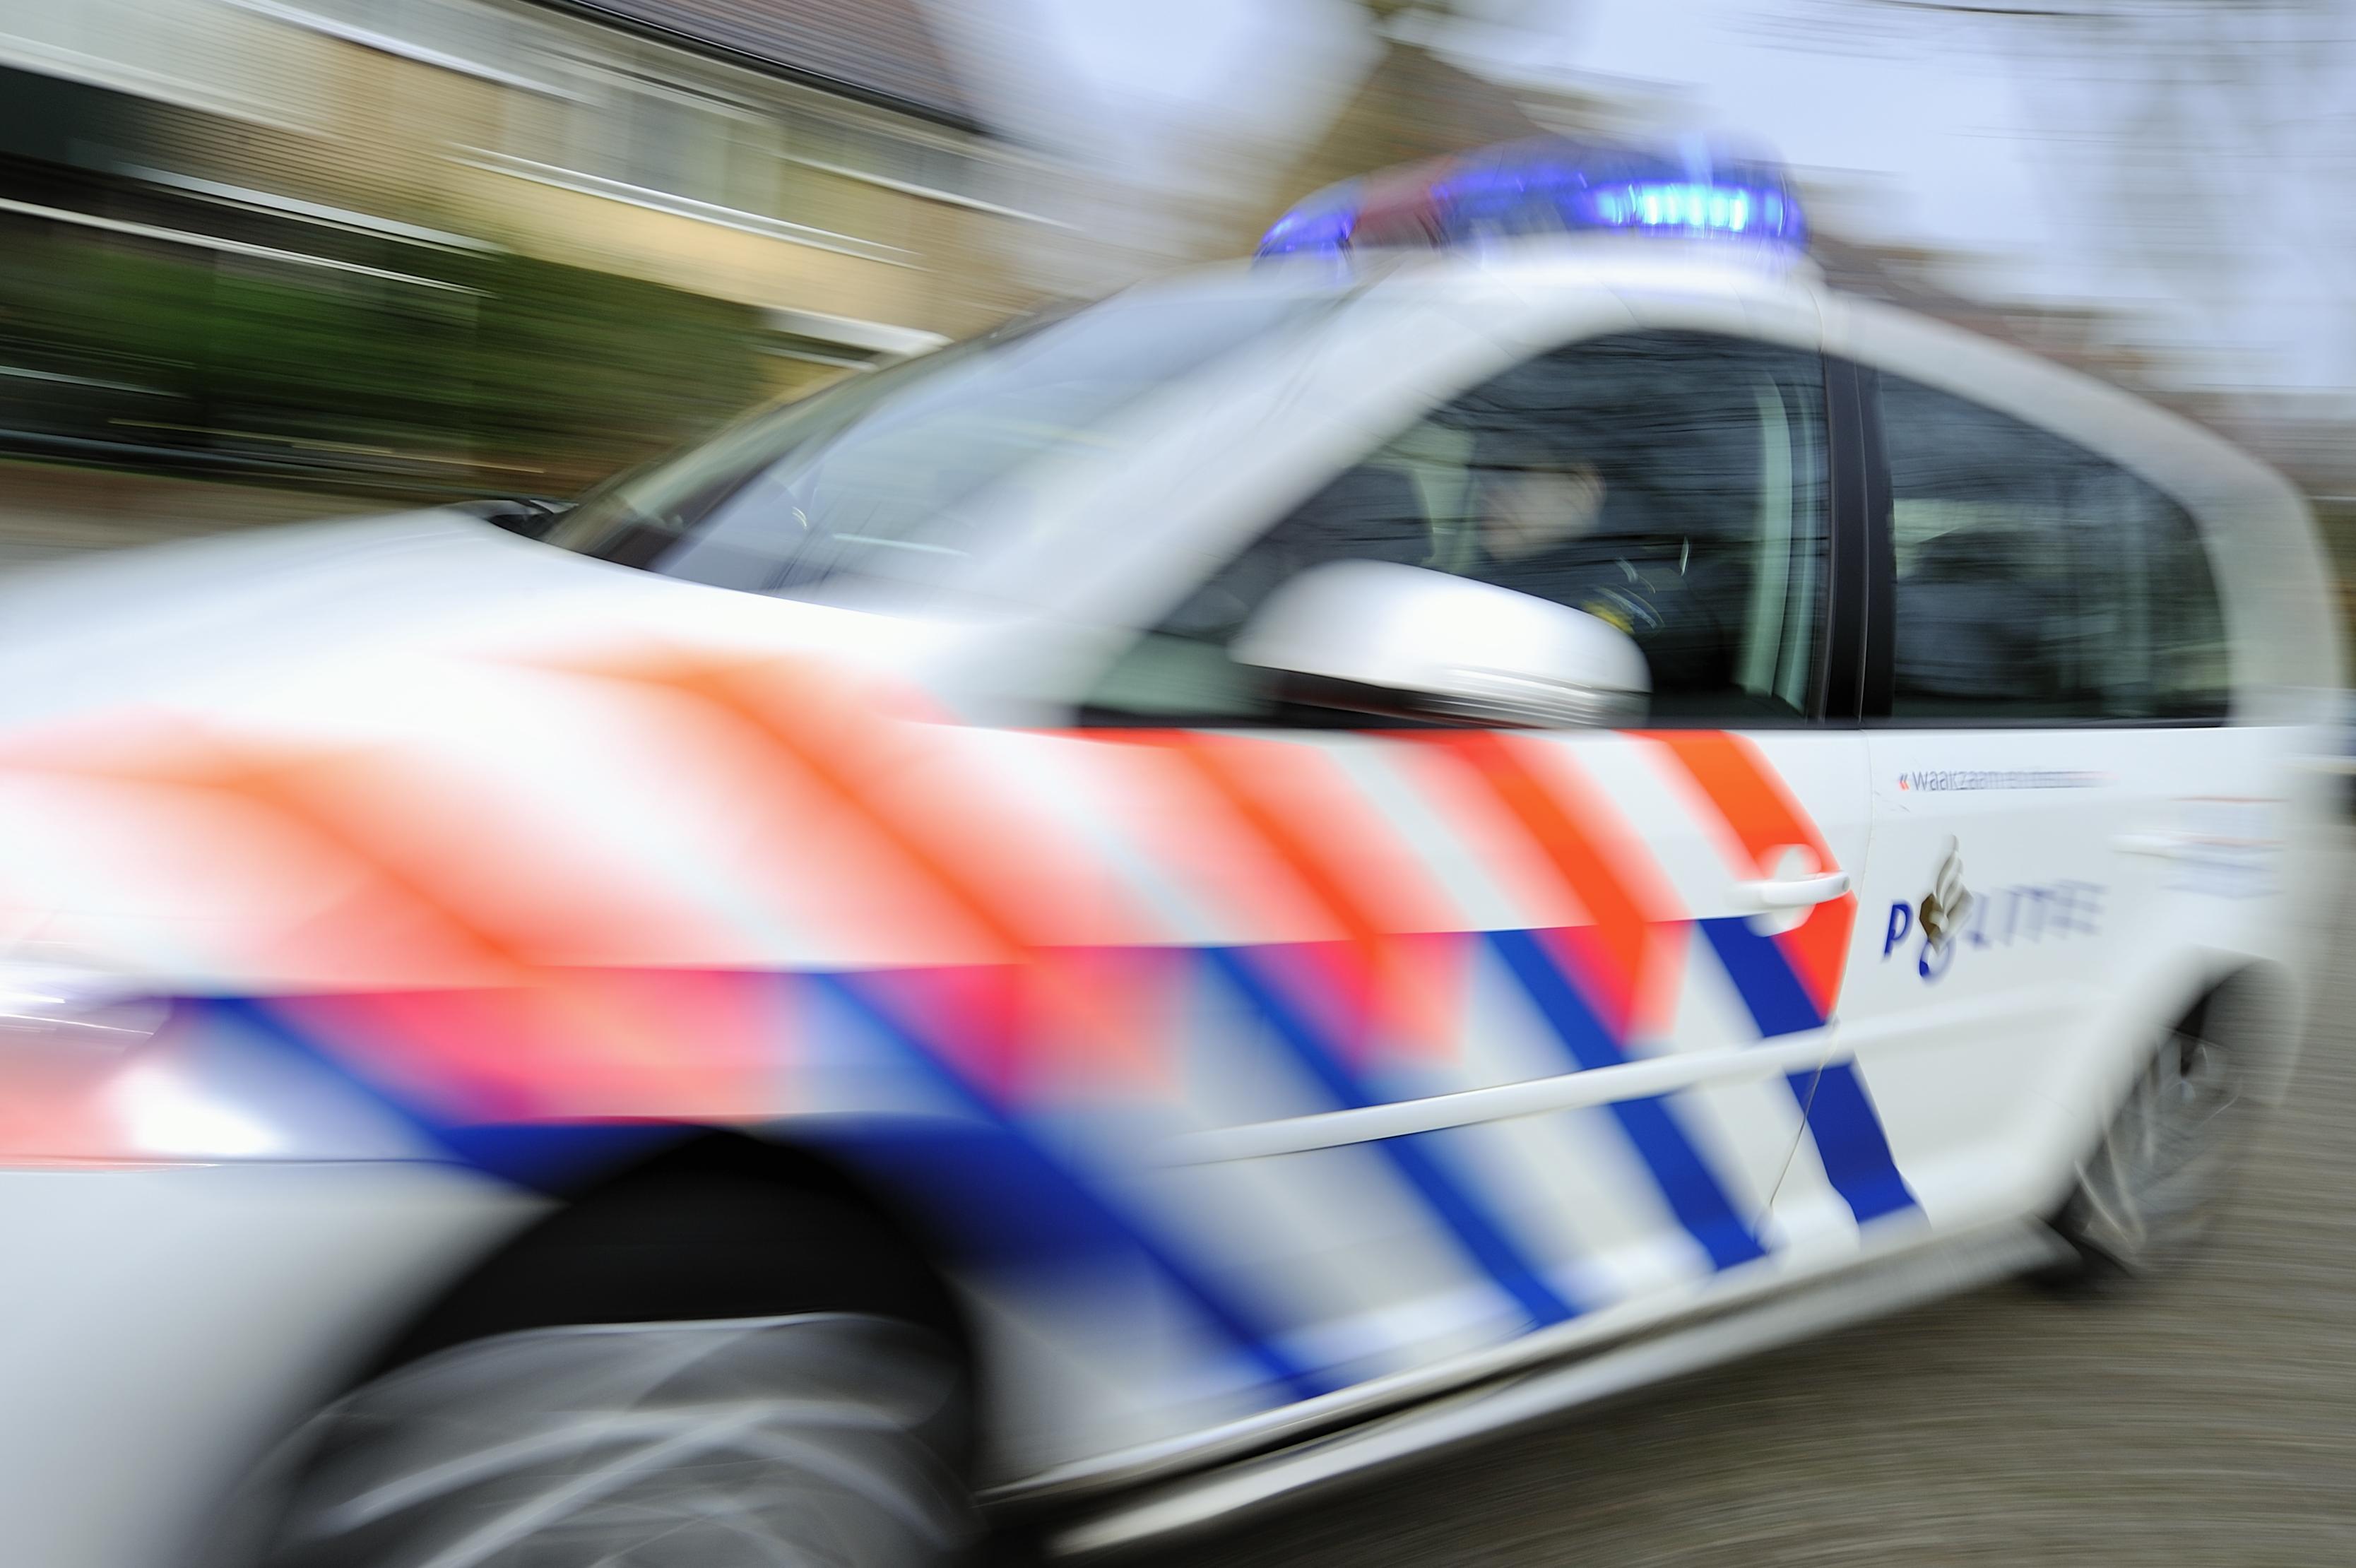 Gestolen auto crasht in Oostzaan na achtervolging politie; twee tieners aangehouden